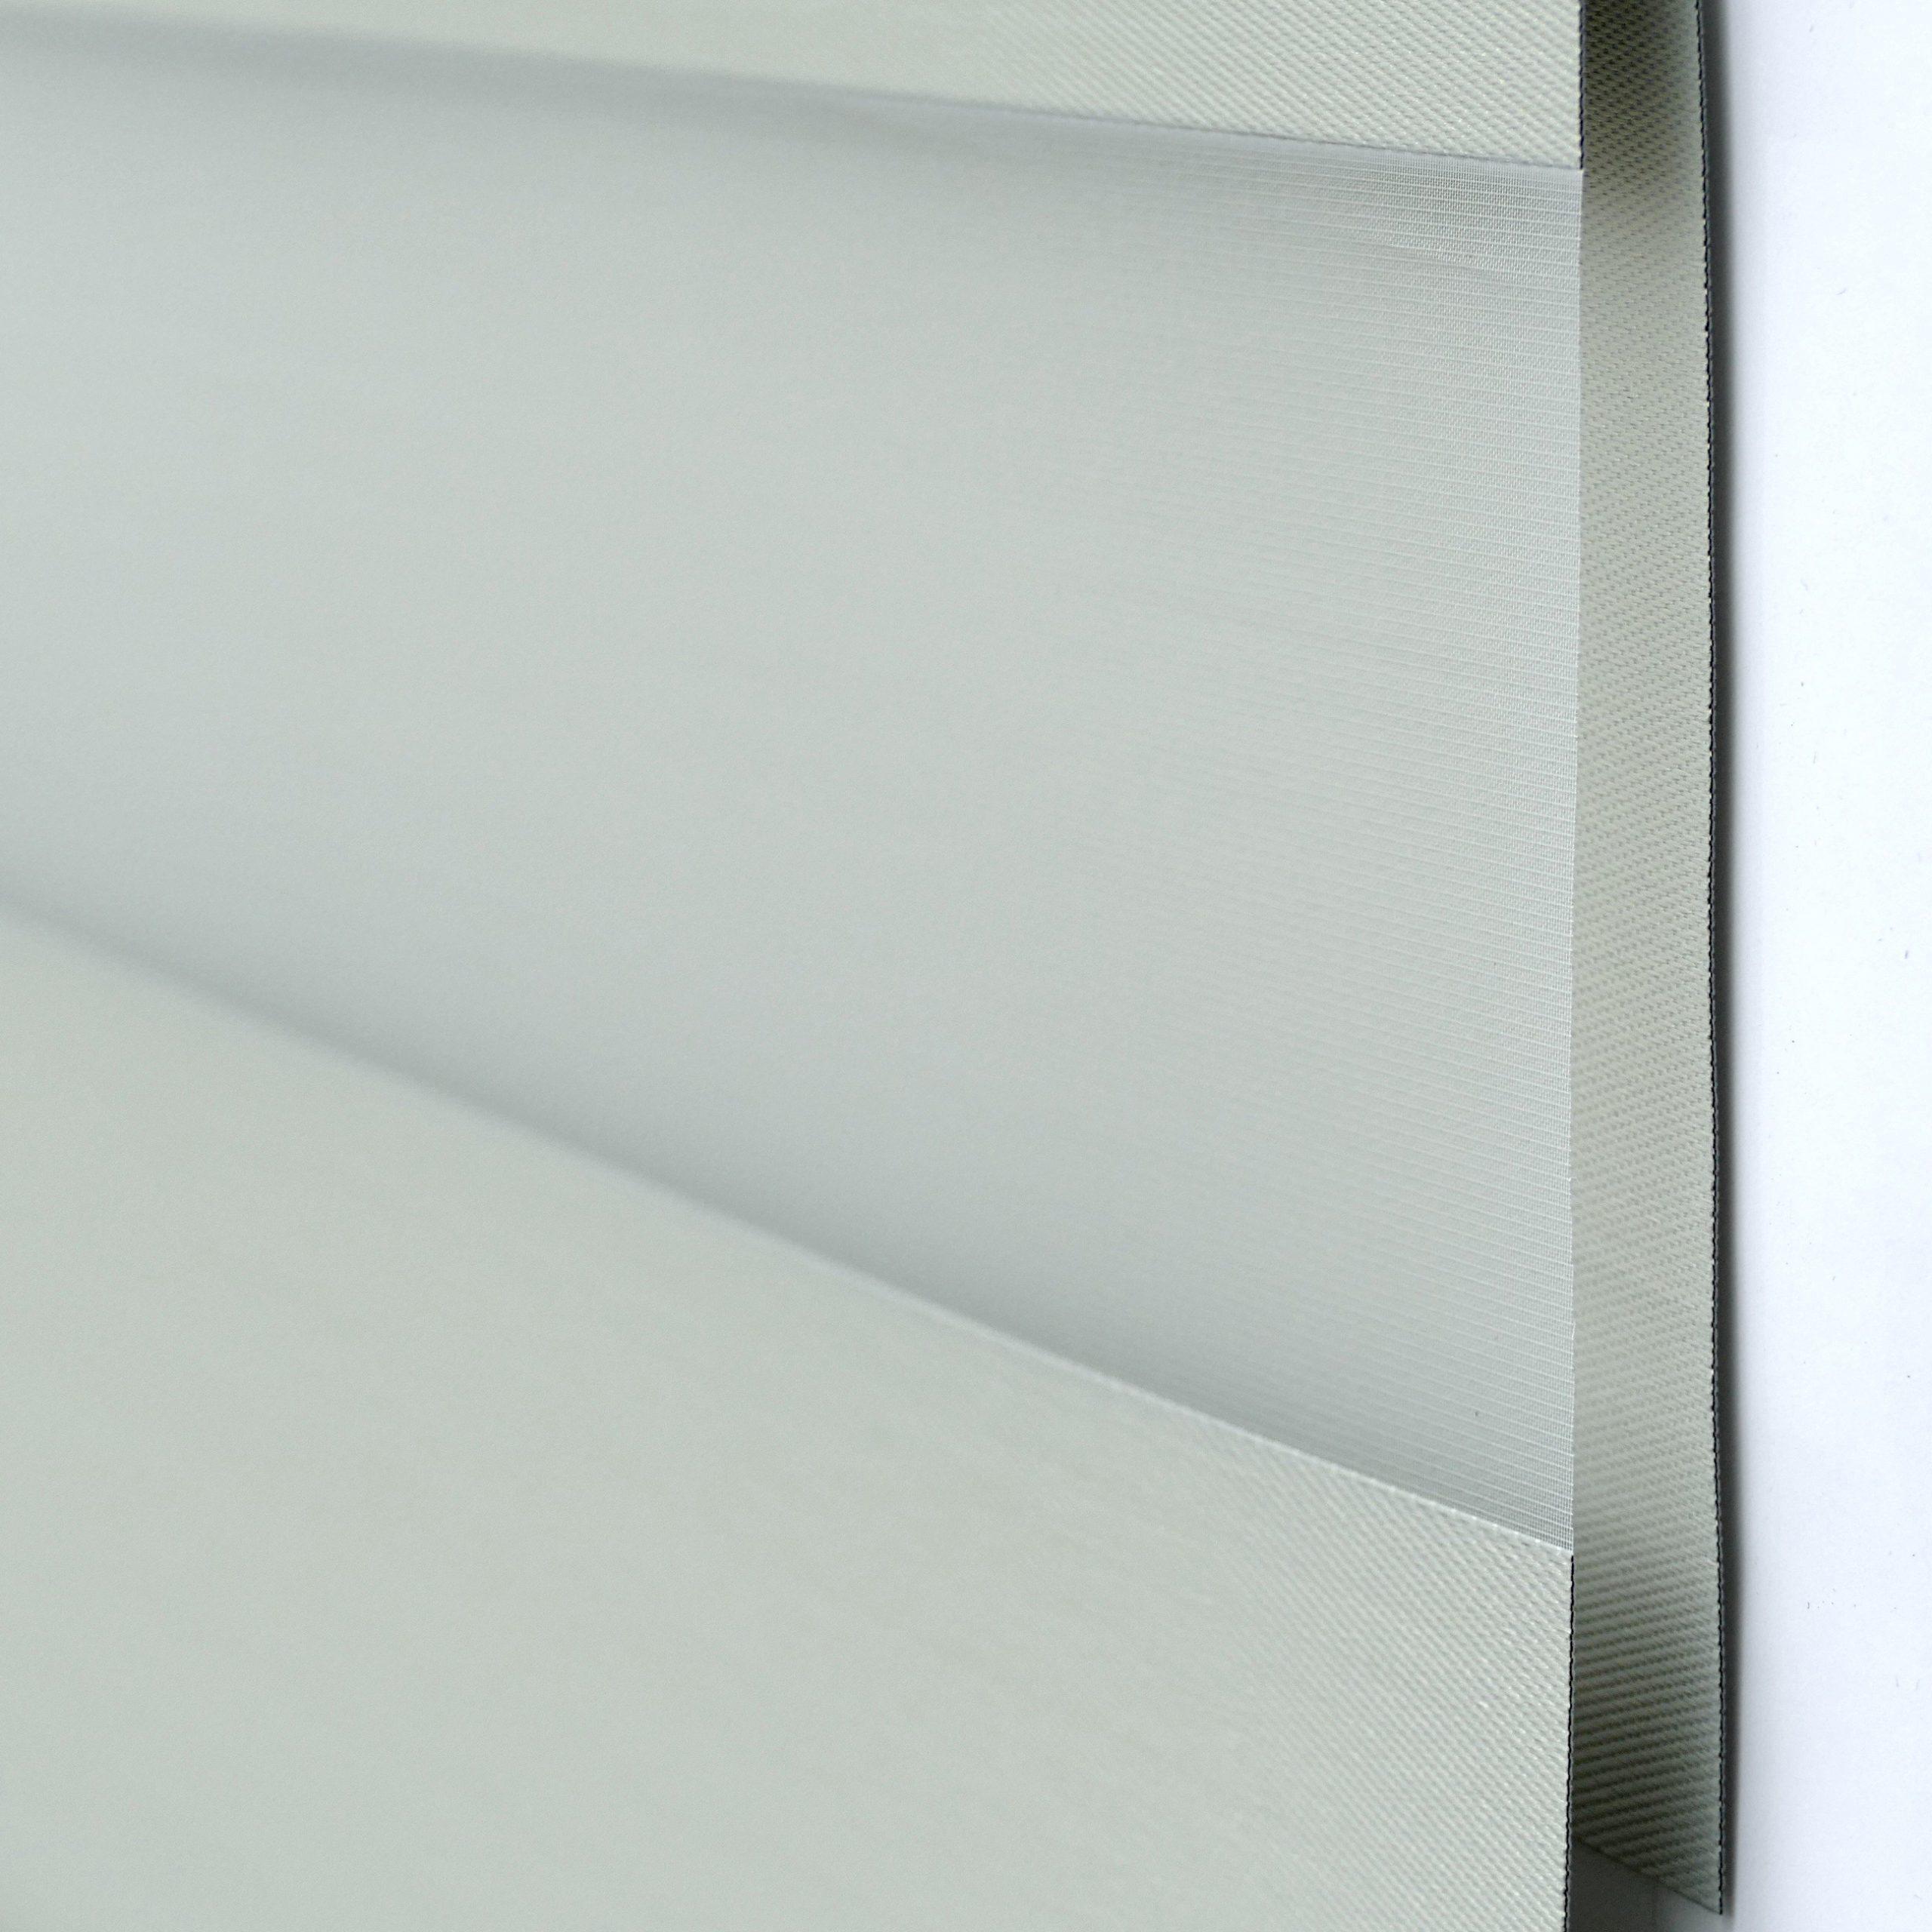 Full Size of Doppelrollo Beige Klemmfiohne Bohren Zebrarollo Stoff Fenster Velux Einbauen Schüco Online Heizkörper Für Bad Gardinen Die Küche Winkhaus Austauschen Fenster Rollos Für Fenster